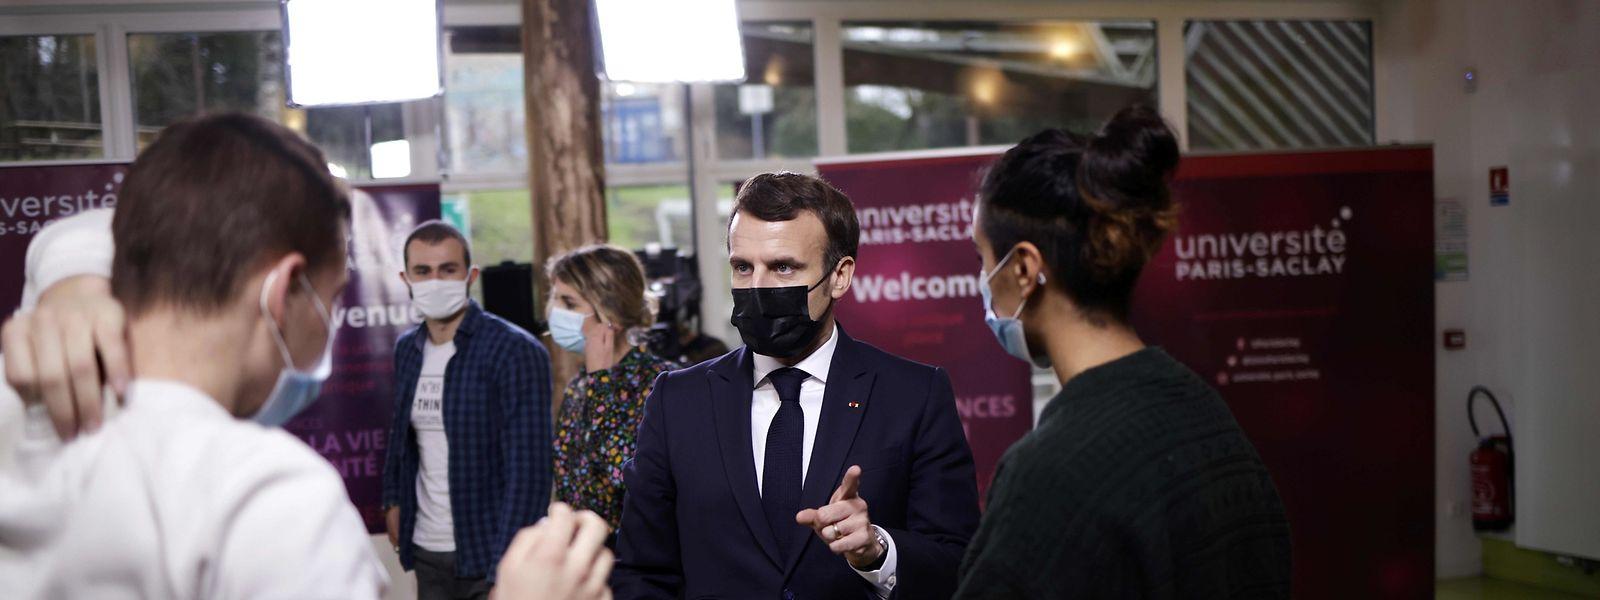 Der französische Präsident Emmanuel Macron möchte Kinder, die Opfer sexueller Gewalt wurden, besser schützen.